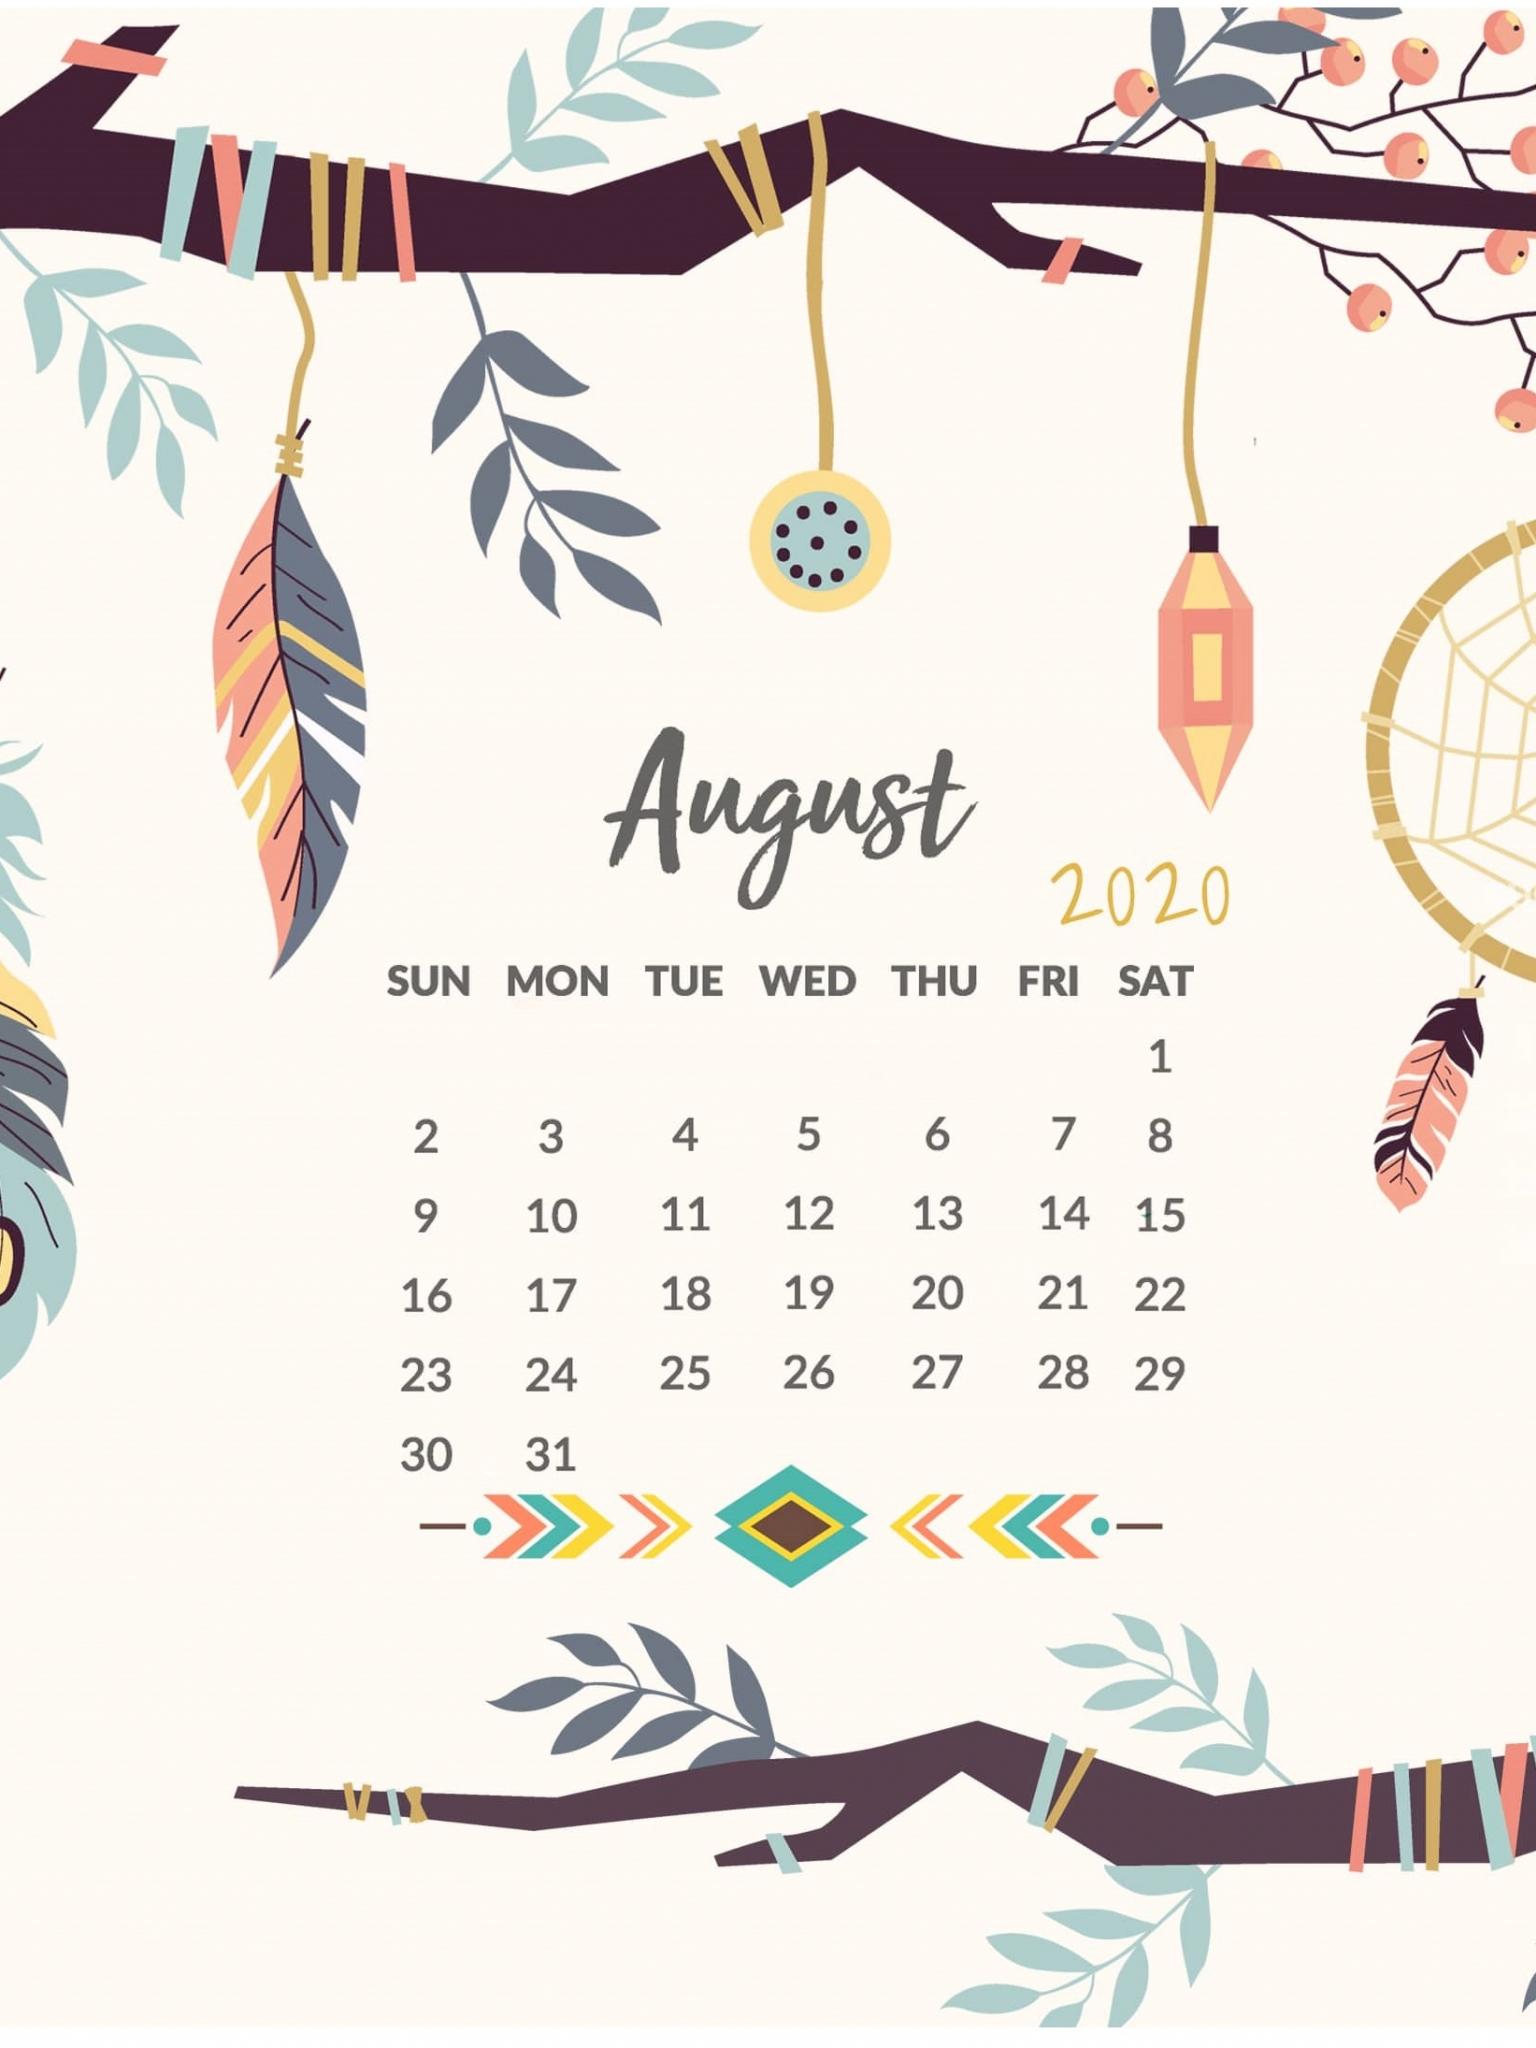 August 2020 Calendar A4 Size